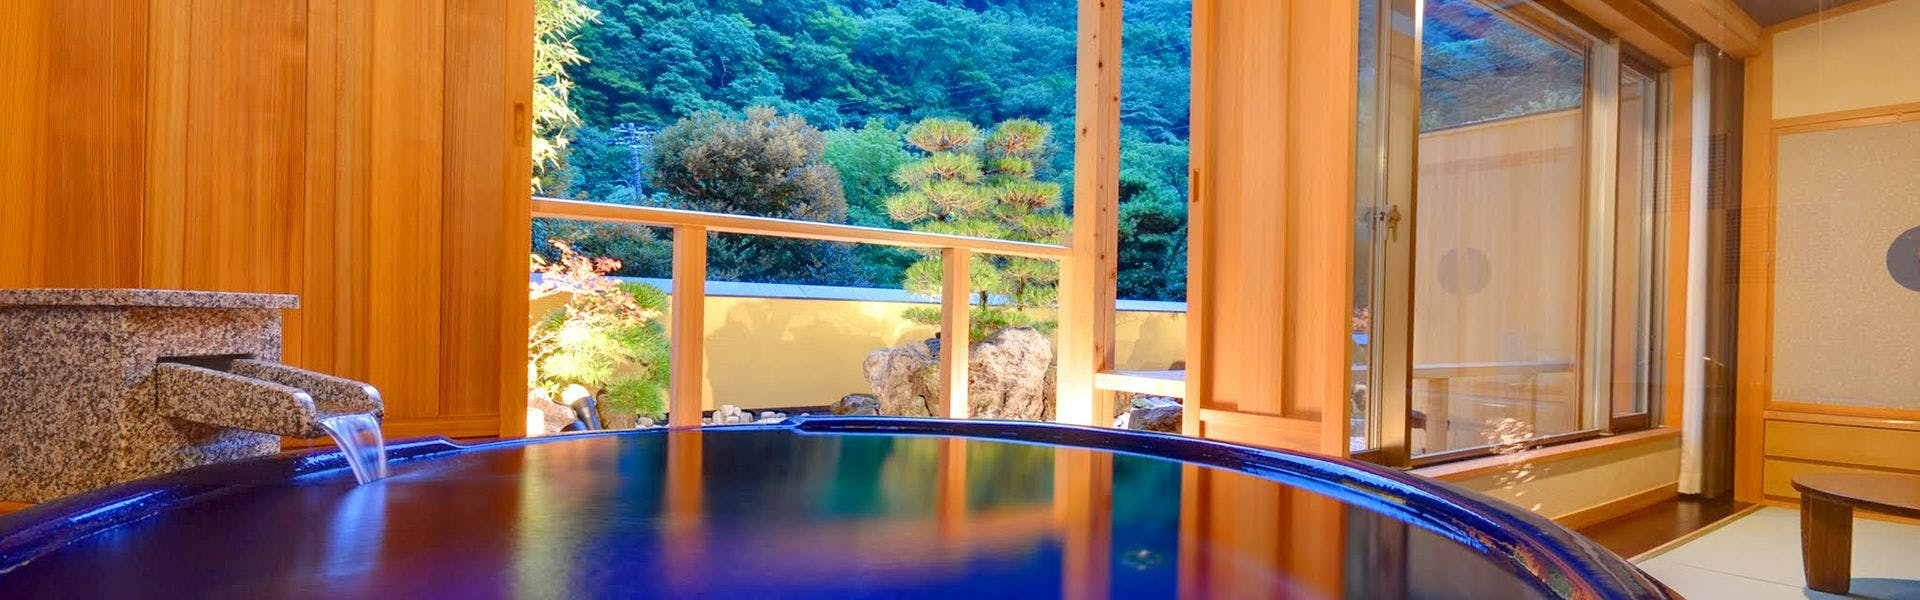 記念日におすすめのホテル・箱根湯本温泉 ホテルおかだの写真1